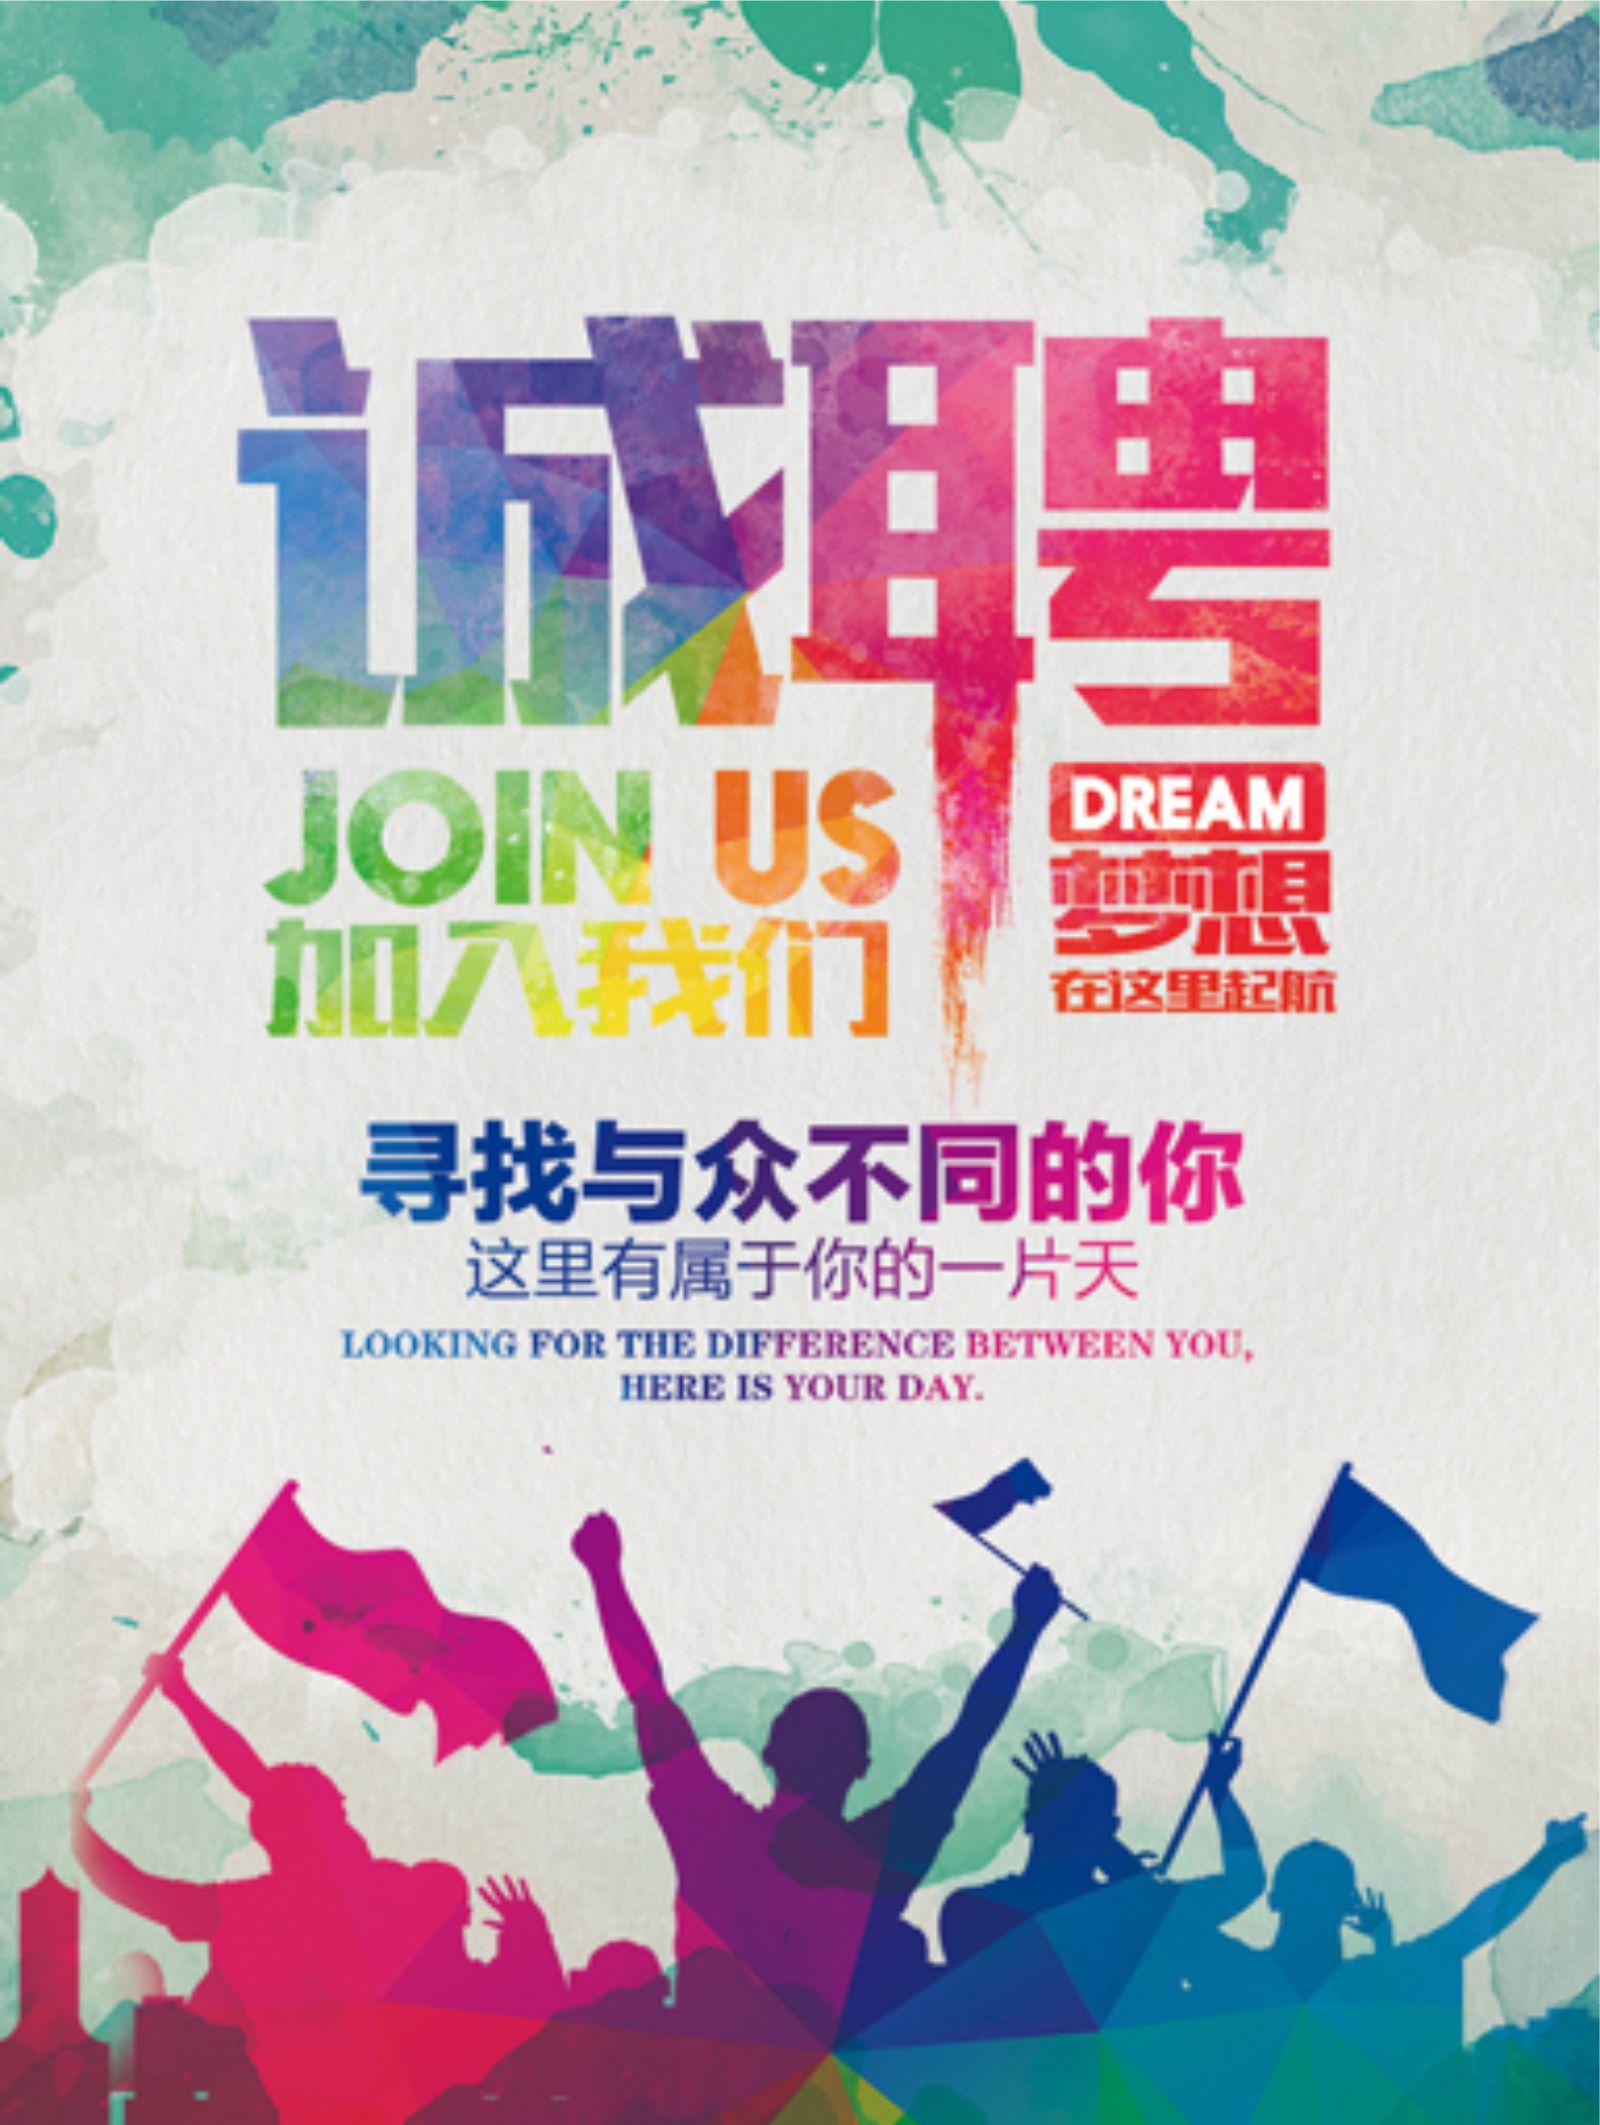 深圳仟彩家居艺术有限公司